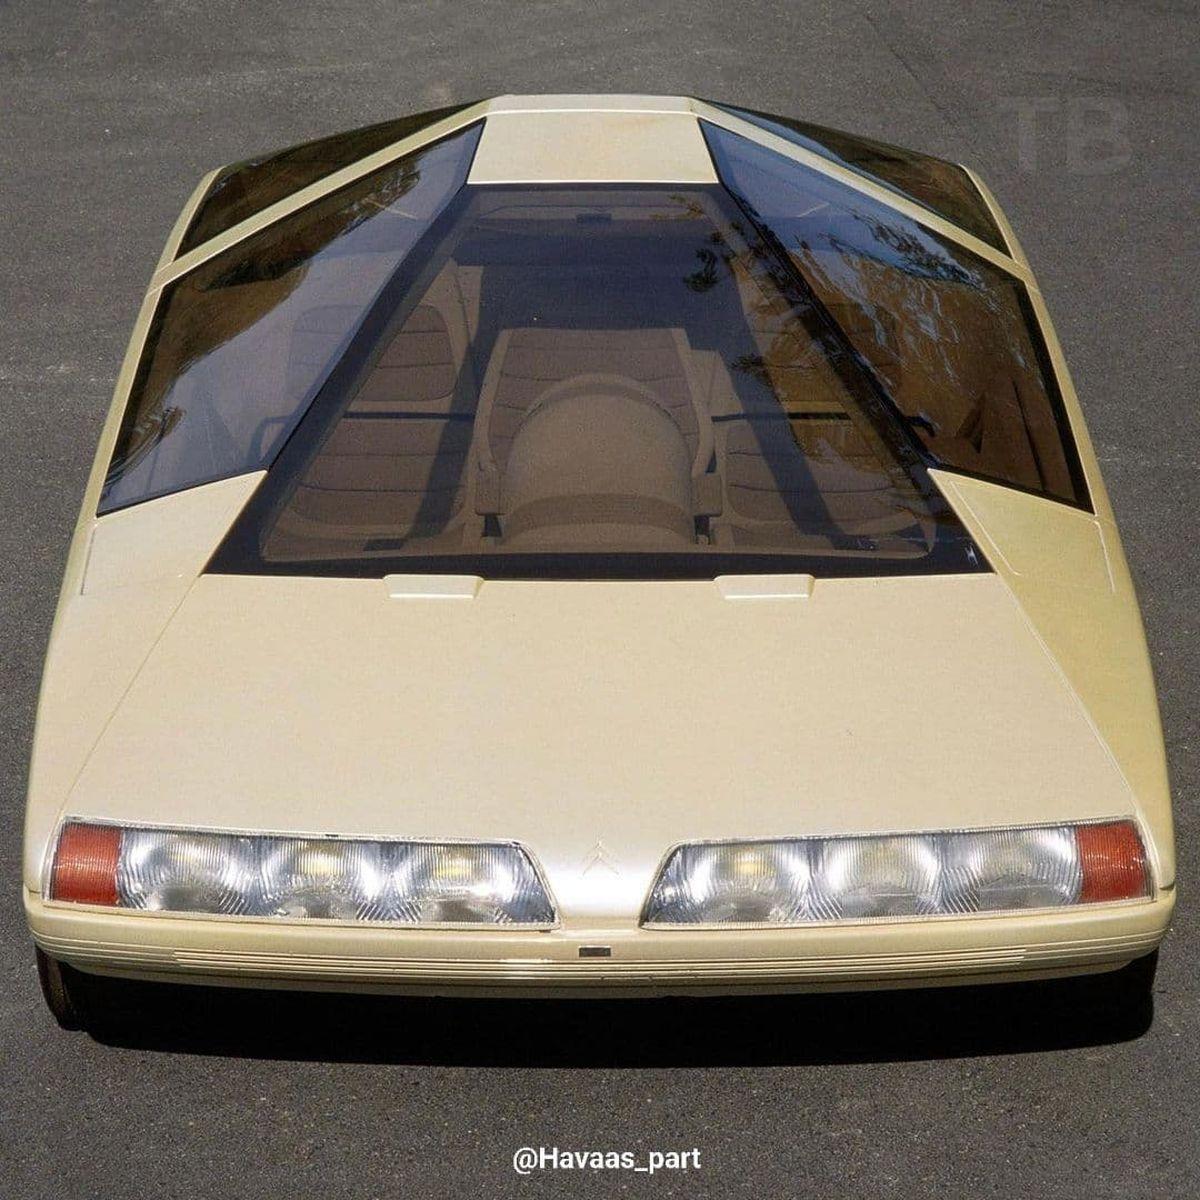 طرح مفهمومی خودرو  در سال ۱۹۸۰+عکس